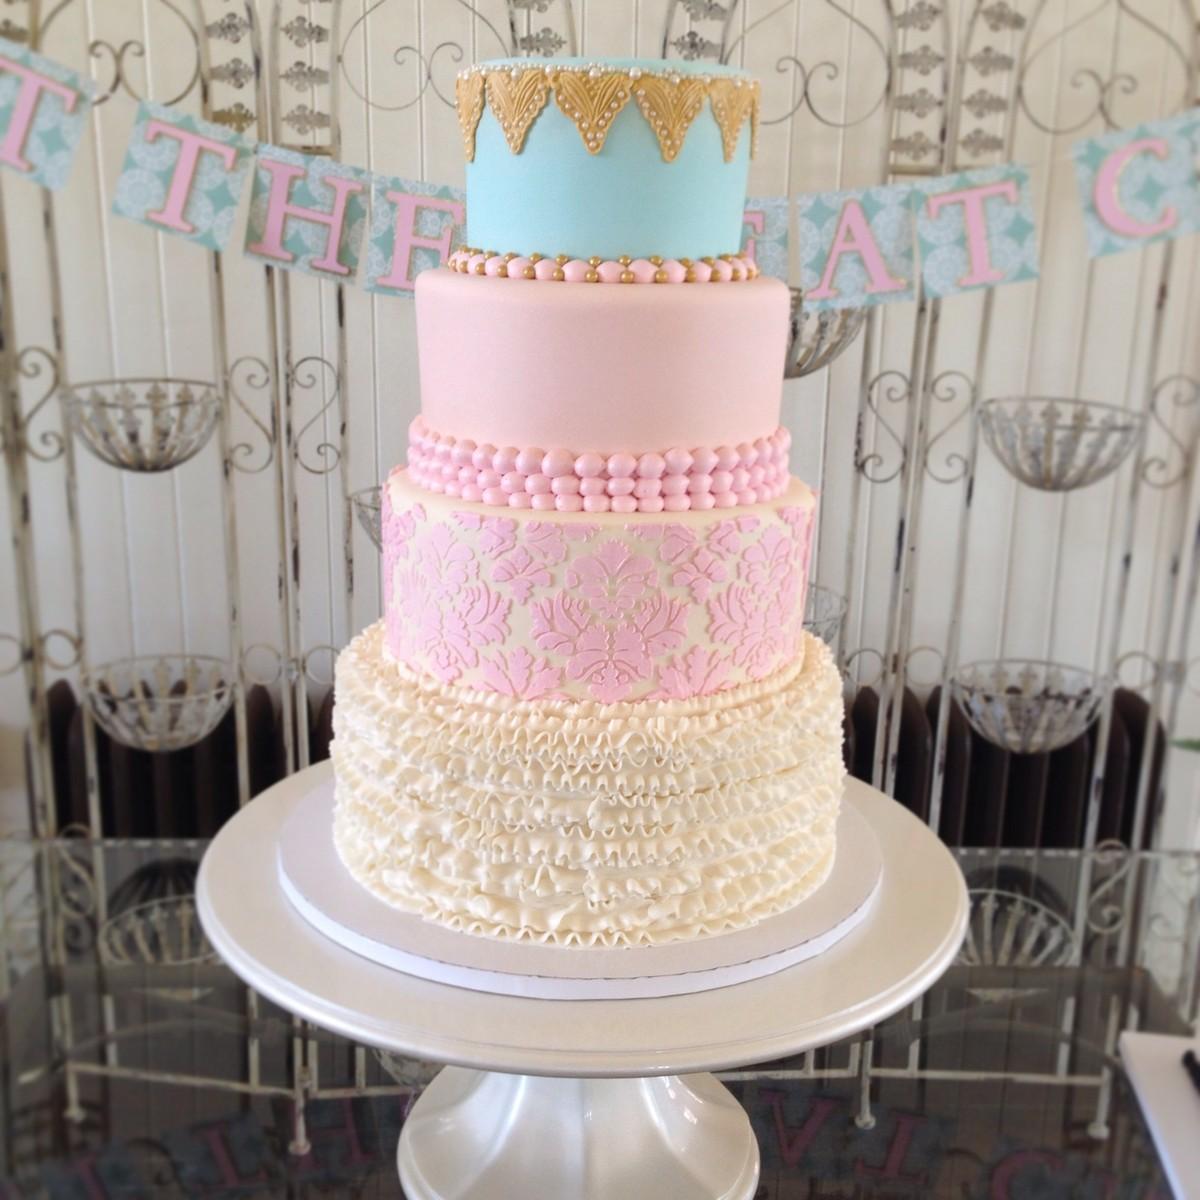 Tiffany\'s Cake Atelier - Wedding Cake - Yukon, OK - WeddingWire